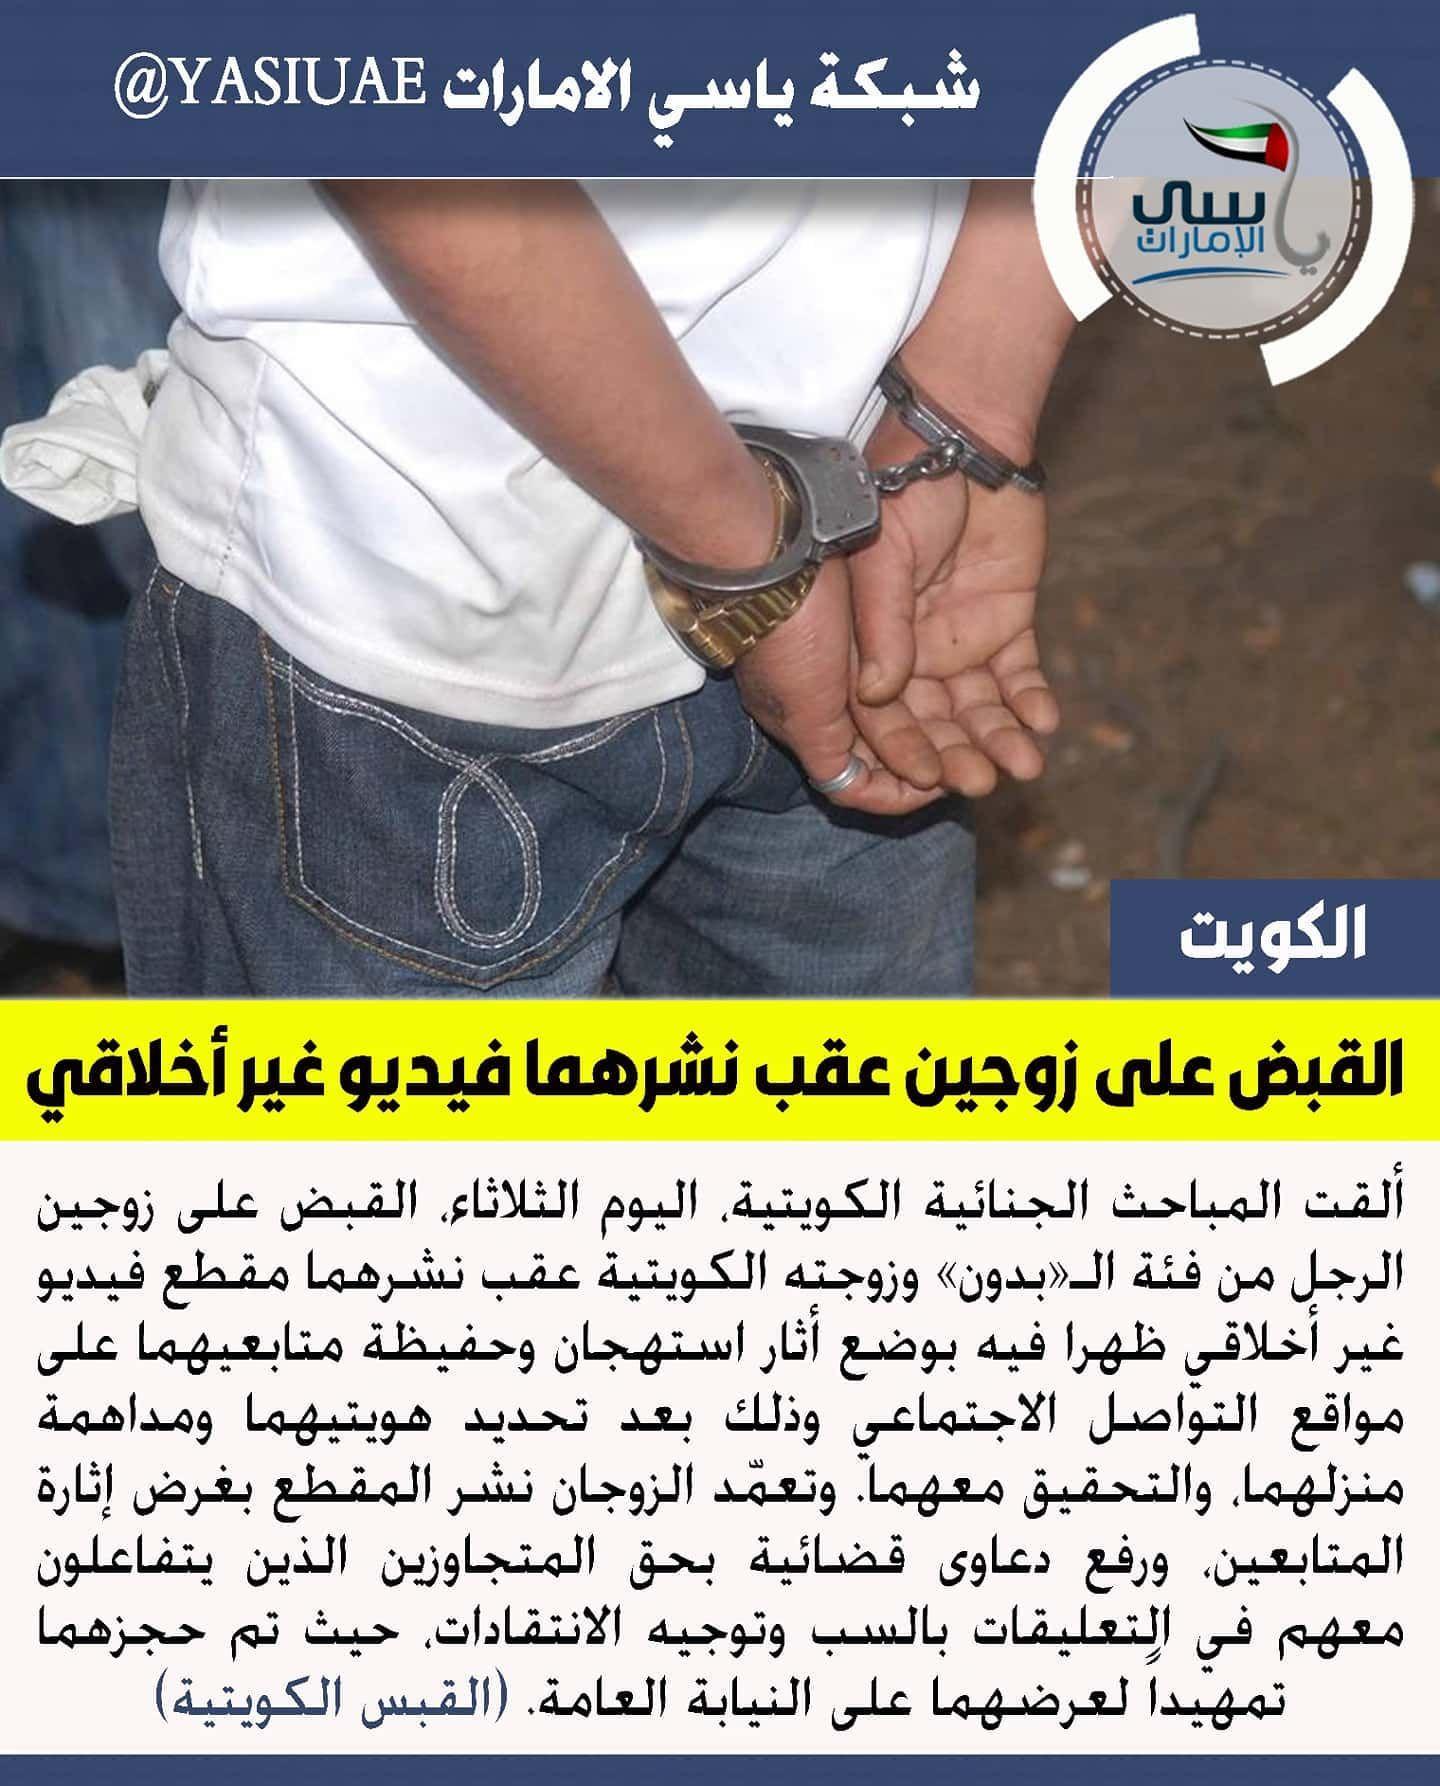 الكويت القبض على زوجين عقب نشرهما فيديو غير أخلاقي وضع رجال الإدارة العامة للمباحث الجنائية في الكويت حدا لخروج شخص من فئة الـ بد Silver Watch Accessories